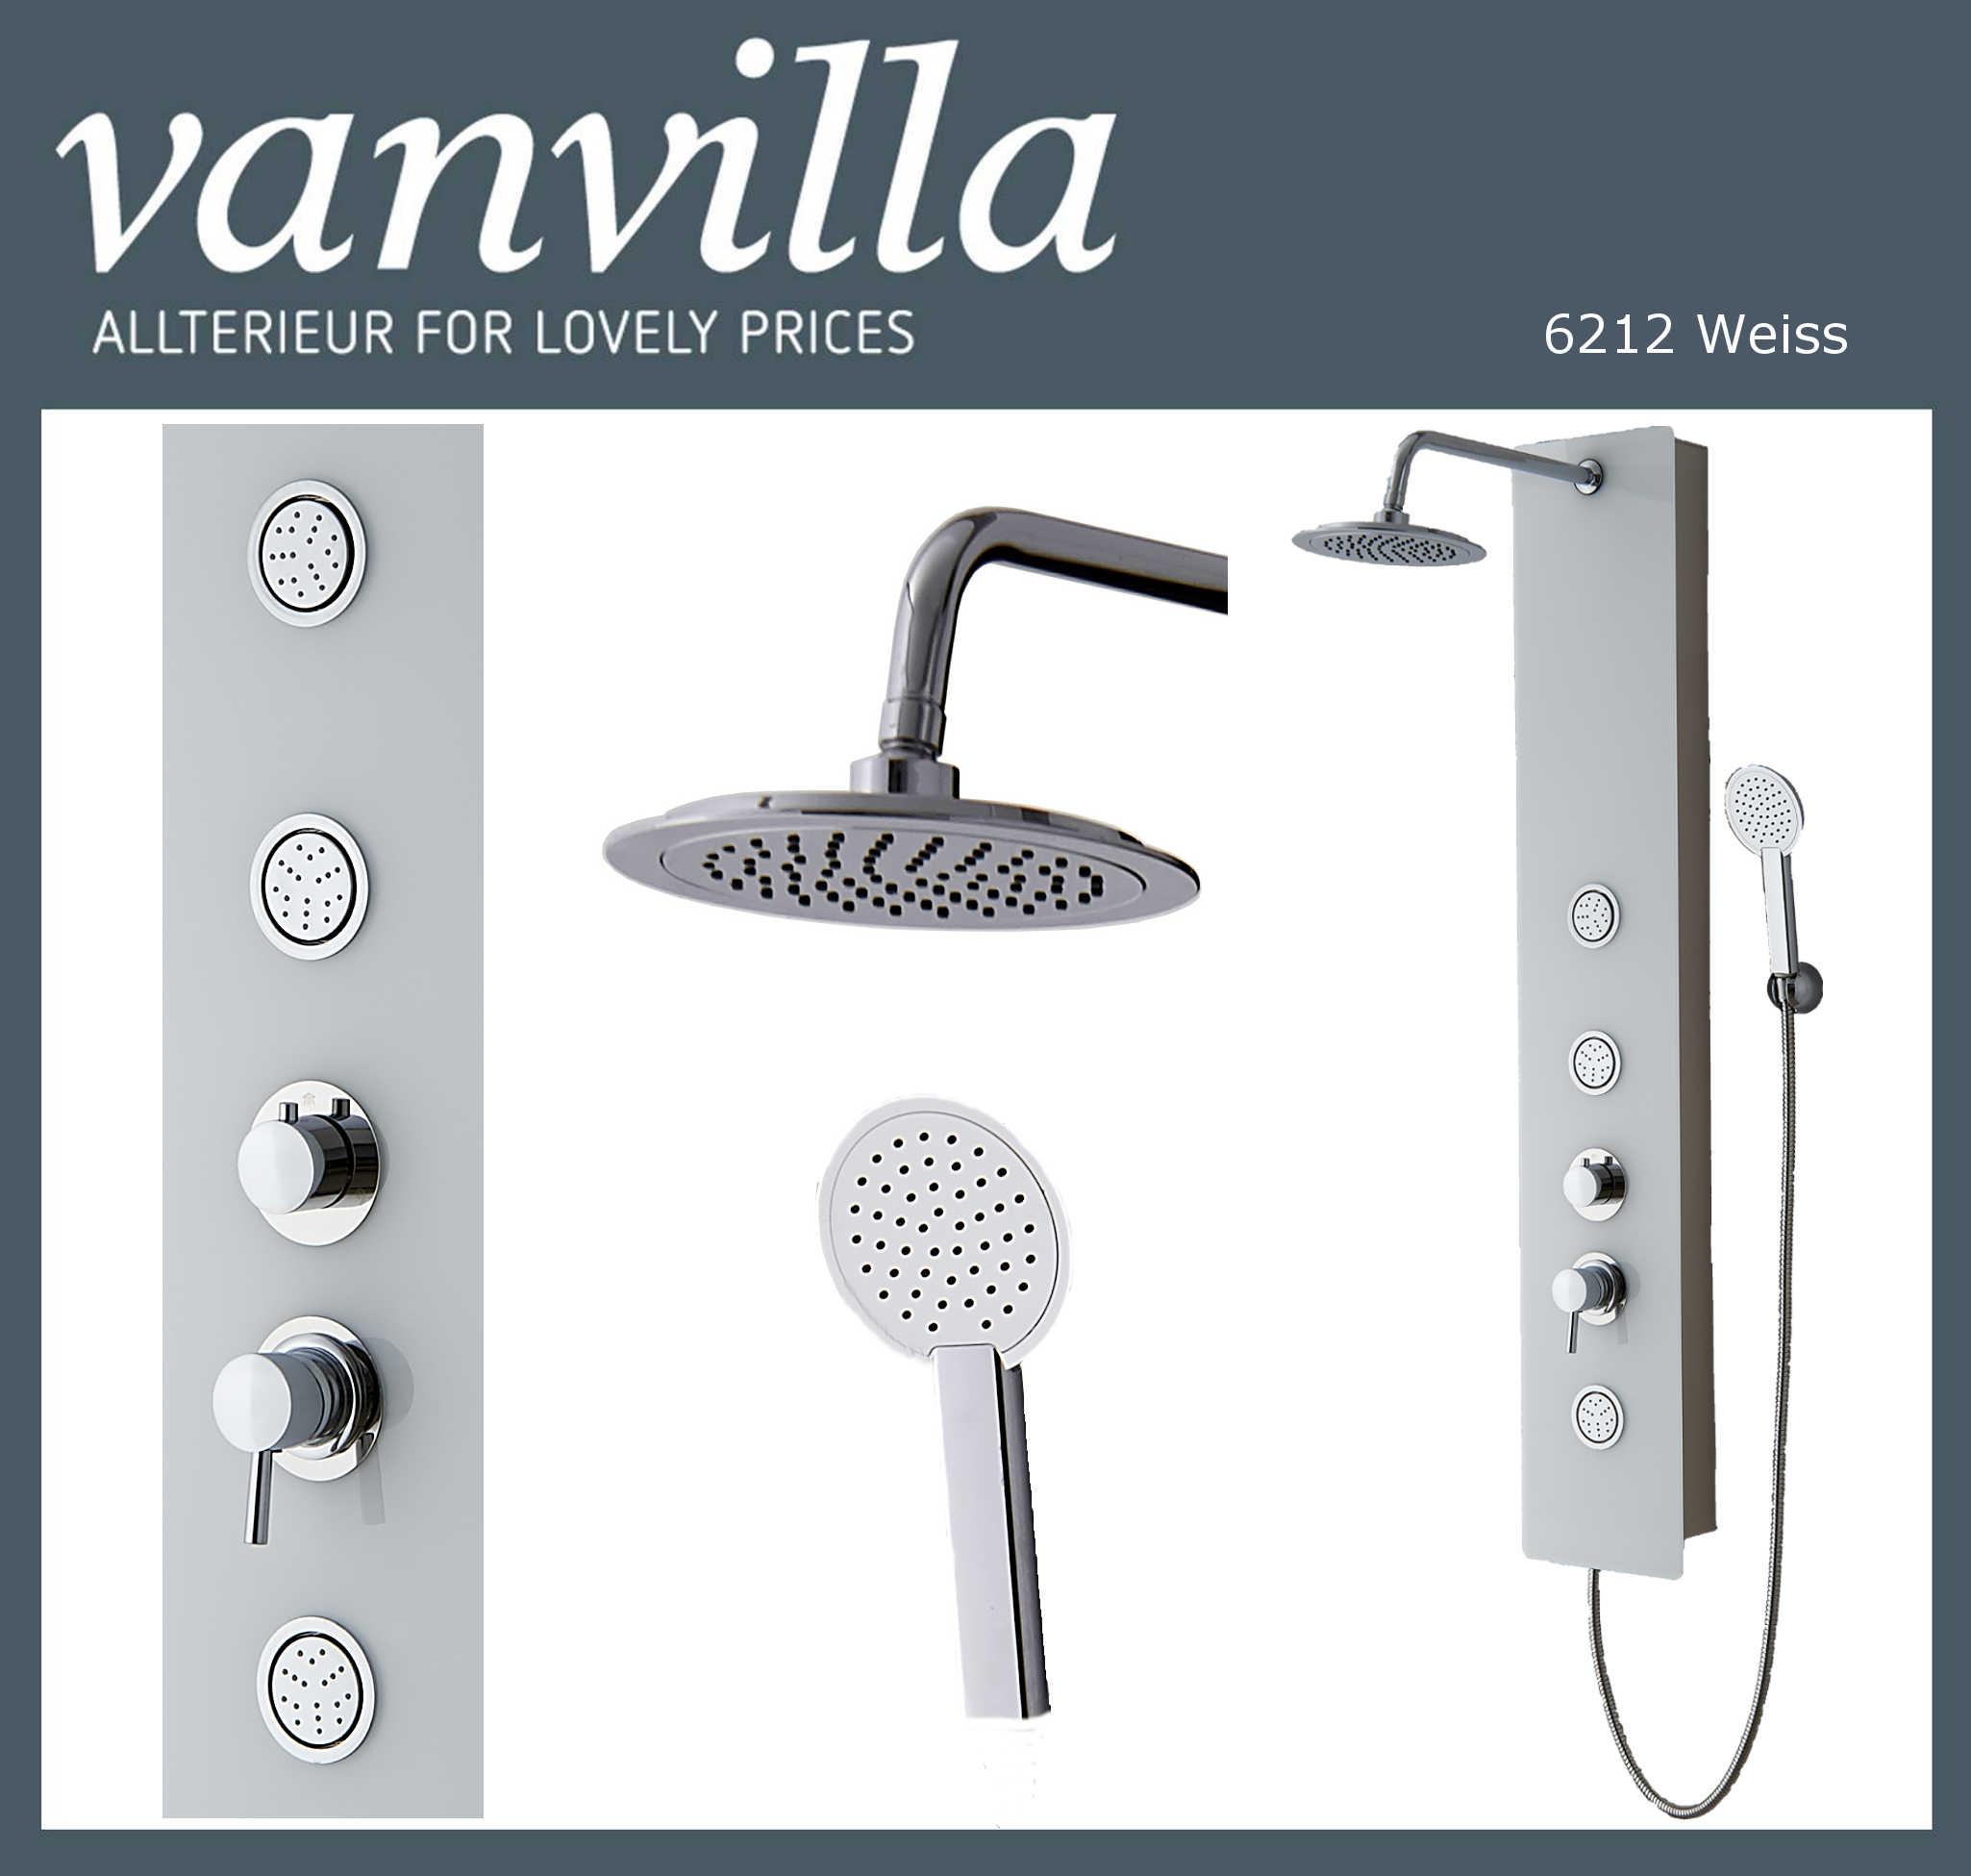 vanvilla glas duschpaneel levant 6212w einhebelmischer weiss. Black Bedroom Furniture Sets. Home Design Ideas